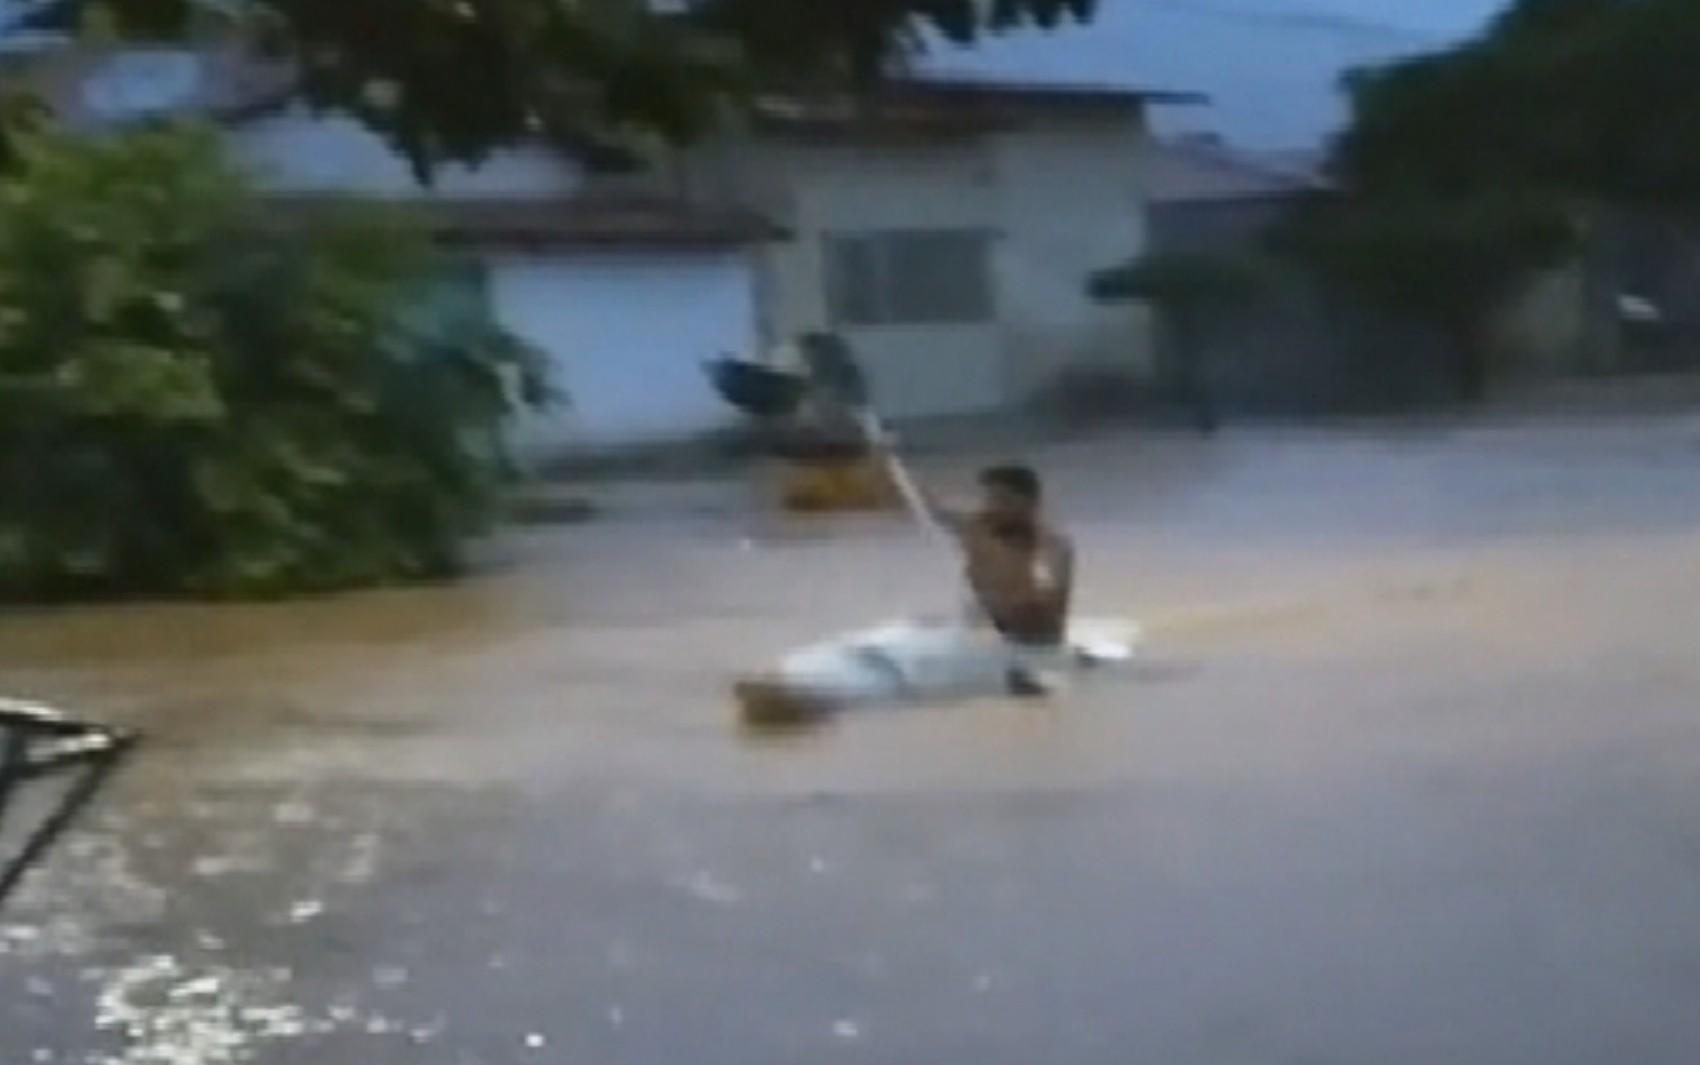 Enchente leva carro, abre cratera em rodovia e obriga morador a sair de caiaque pelas ruas de Alvorada do Norte; vídeo